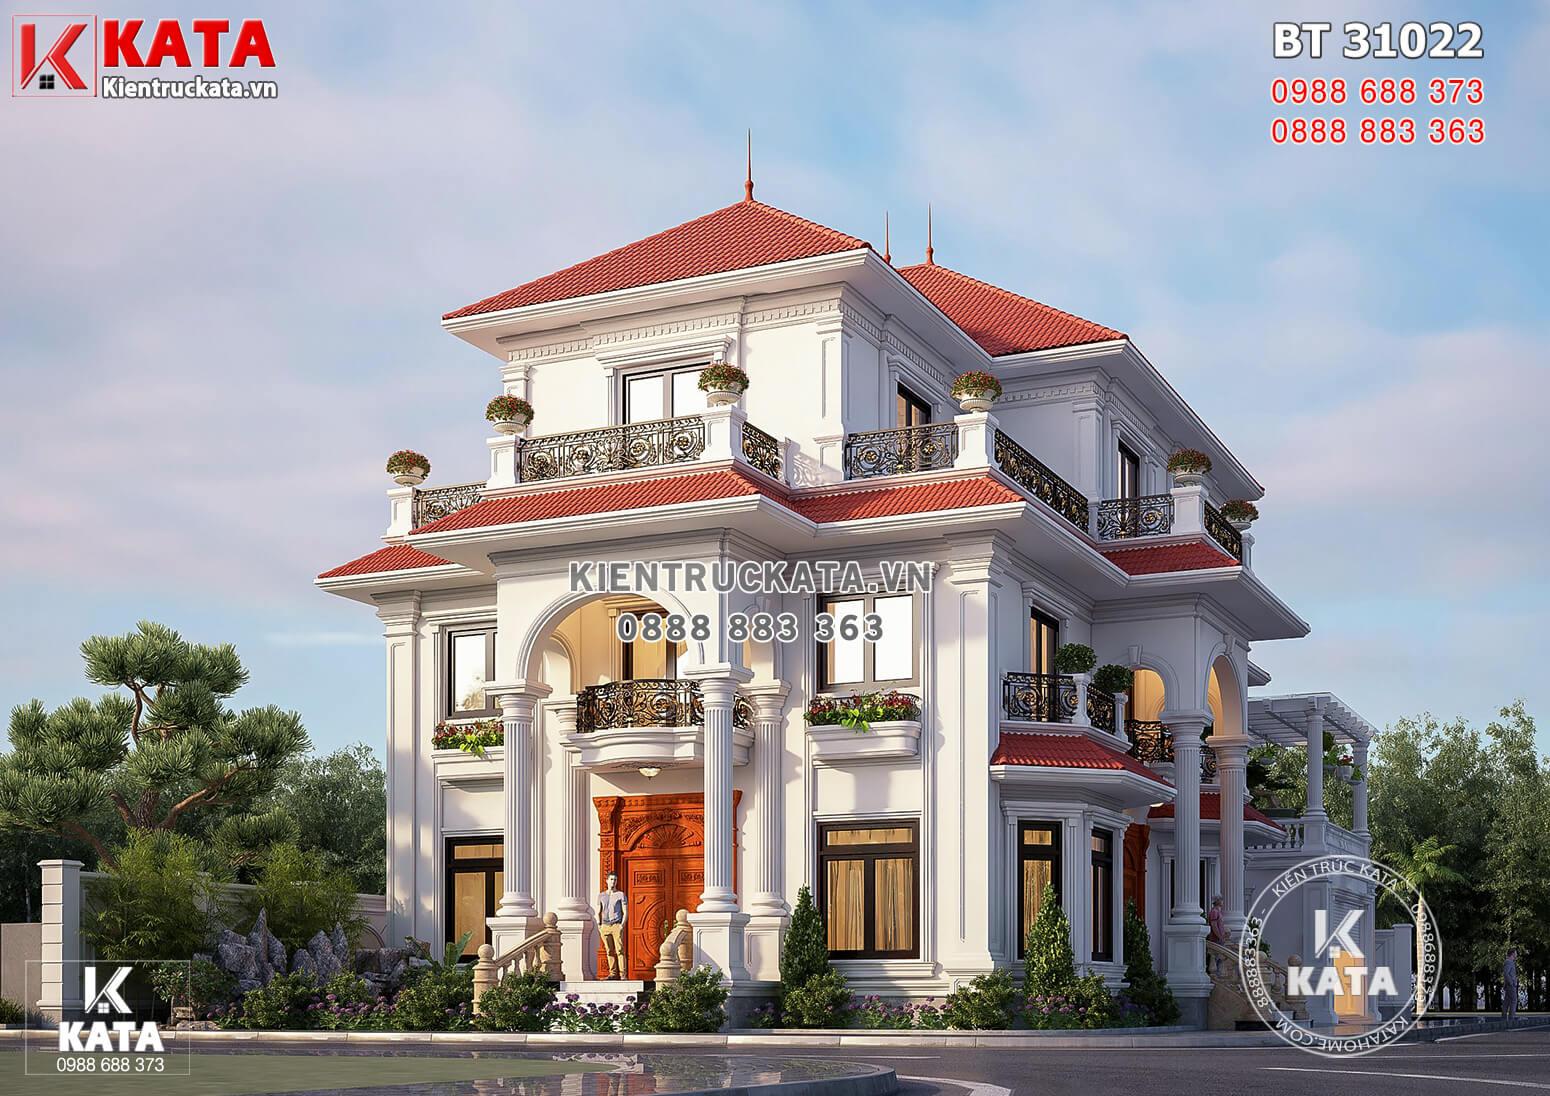 Hình ảnh: Mẫu thiết kế biệt thự 3 tầng phong cách tân cổ điển sang trọng - BT 31022